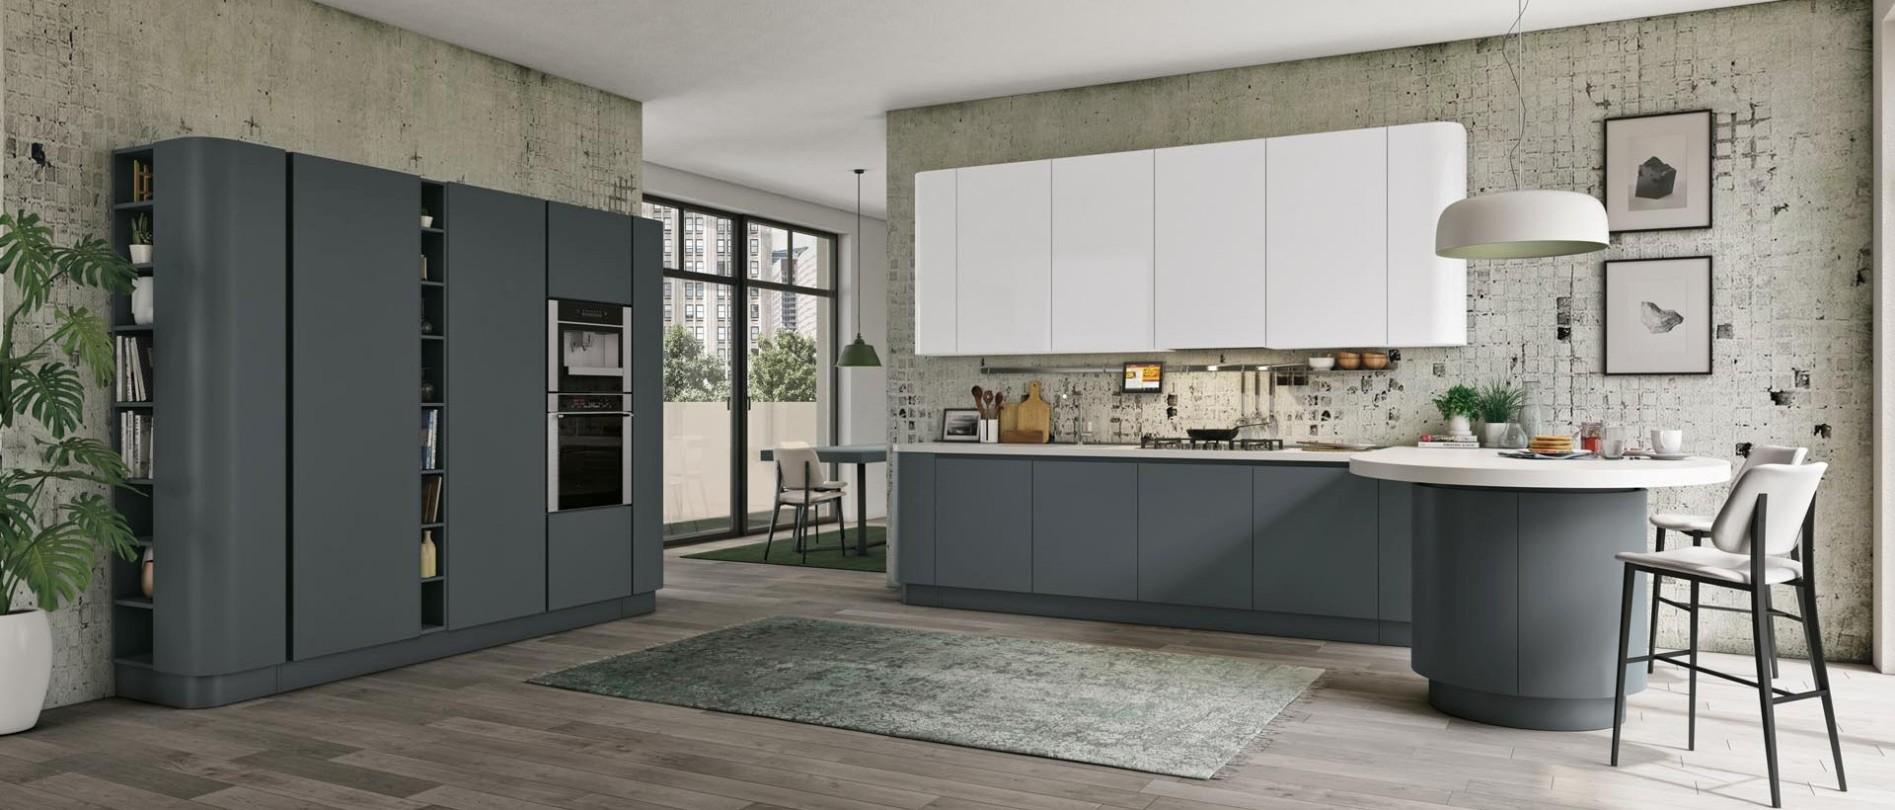 Fantastisch Eigene Küche Design Schränke Hersteller Ideen - Küche ...